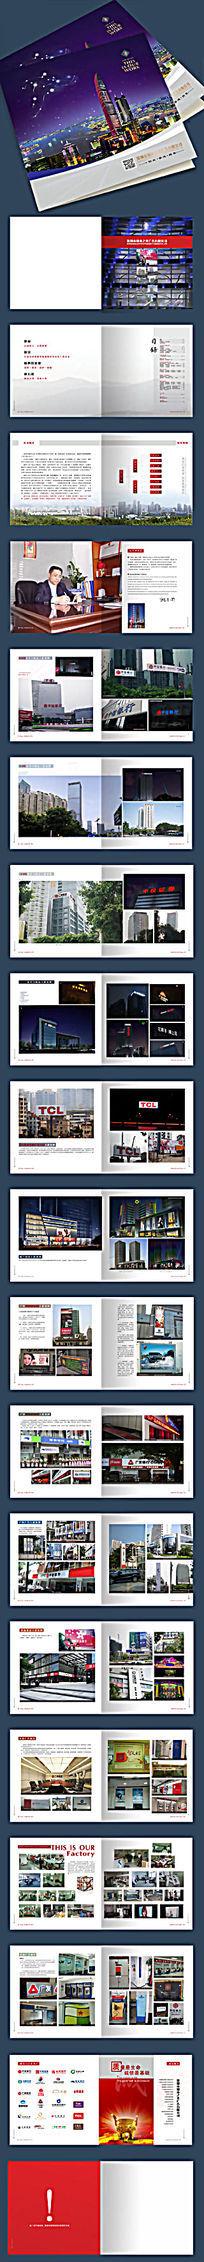 城市之光广告有限公司画册